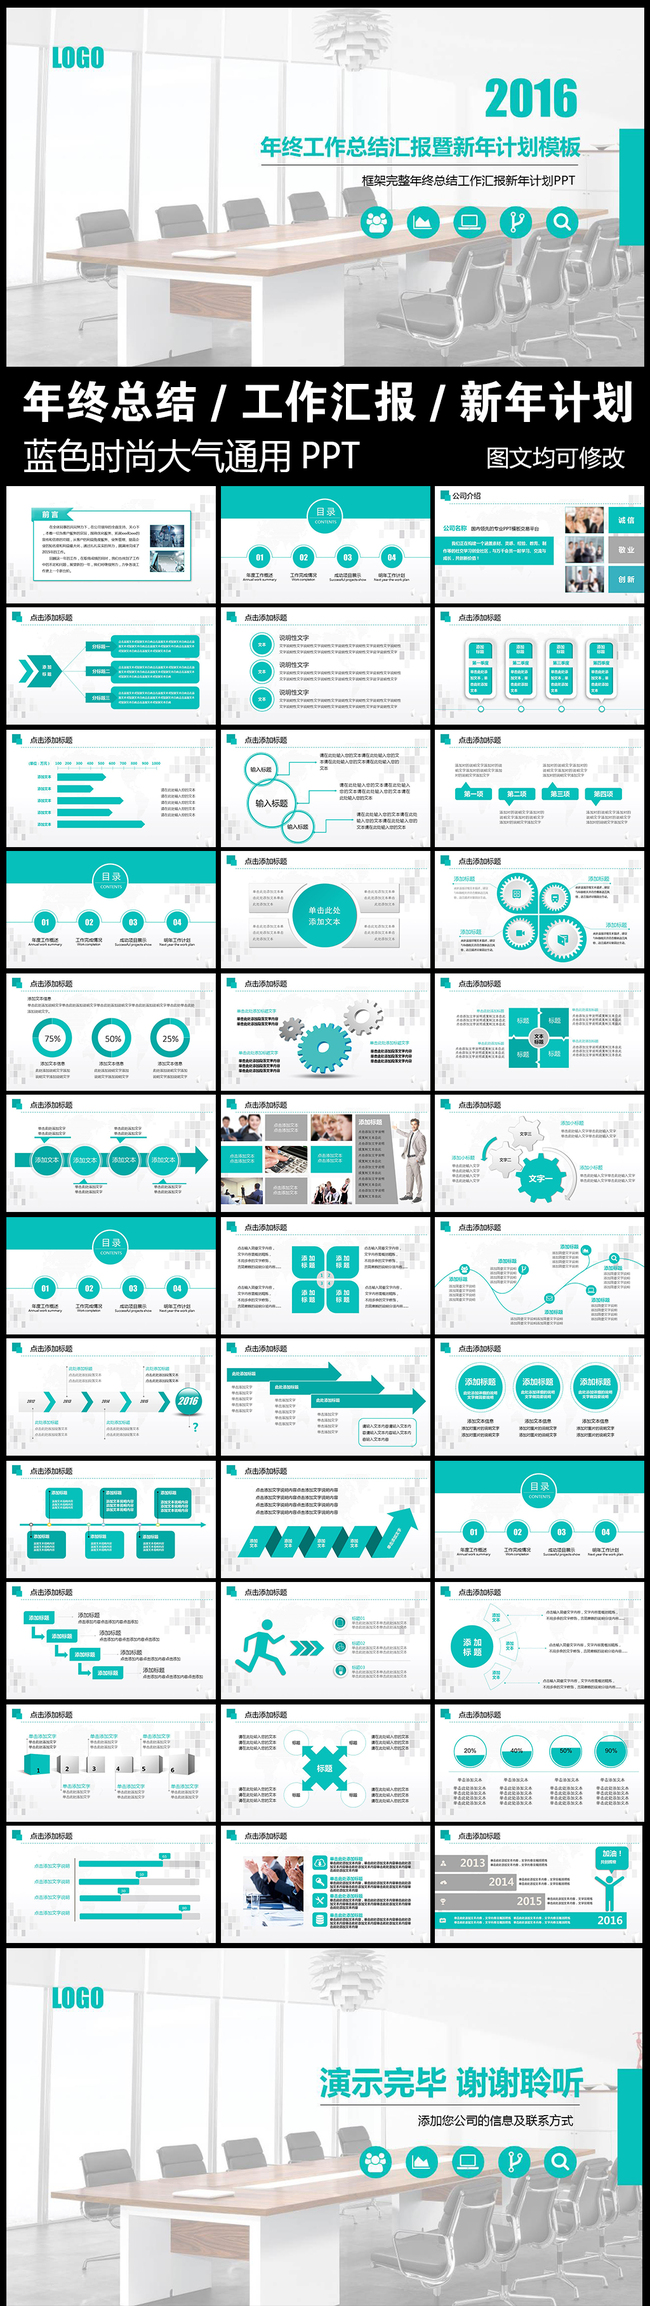 绩效ppt模板电商会议培训述职报告2016年历表图片